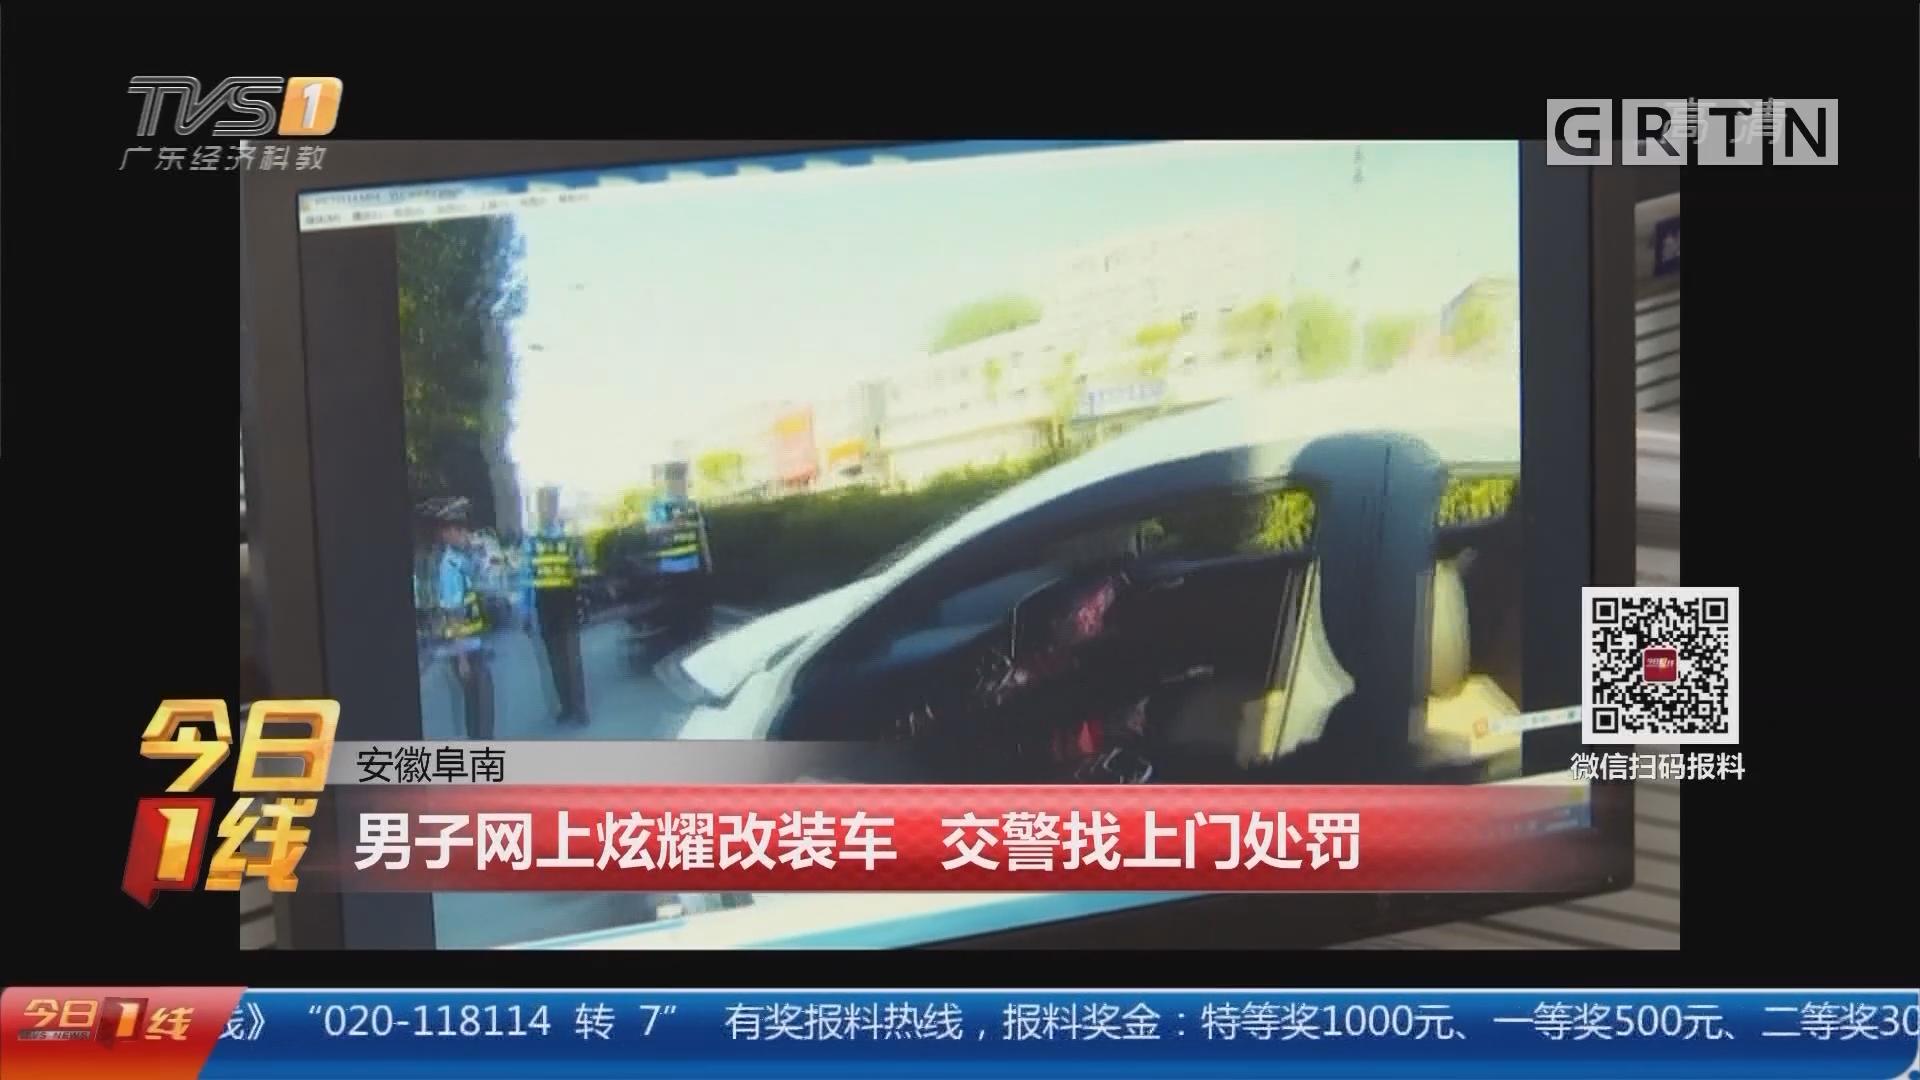 安徽阜南:男子网上炫耀改装车 交警找上门处罚